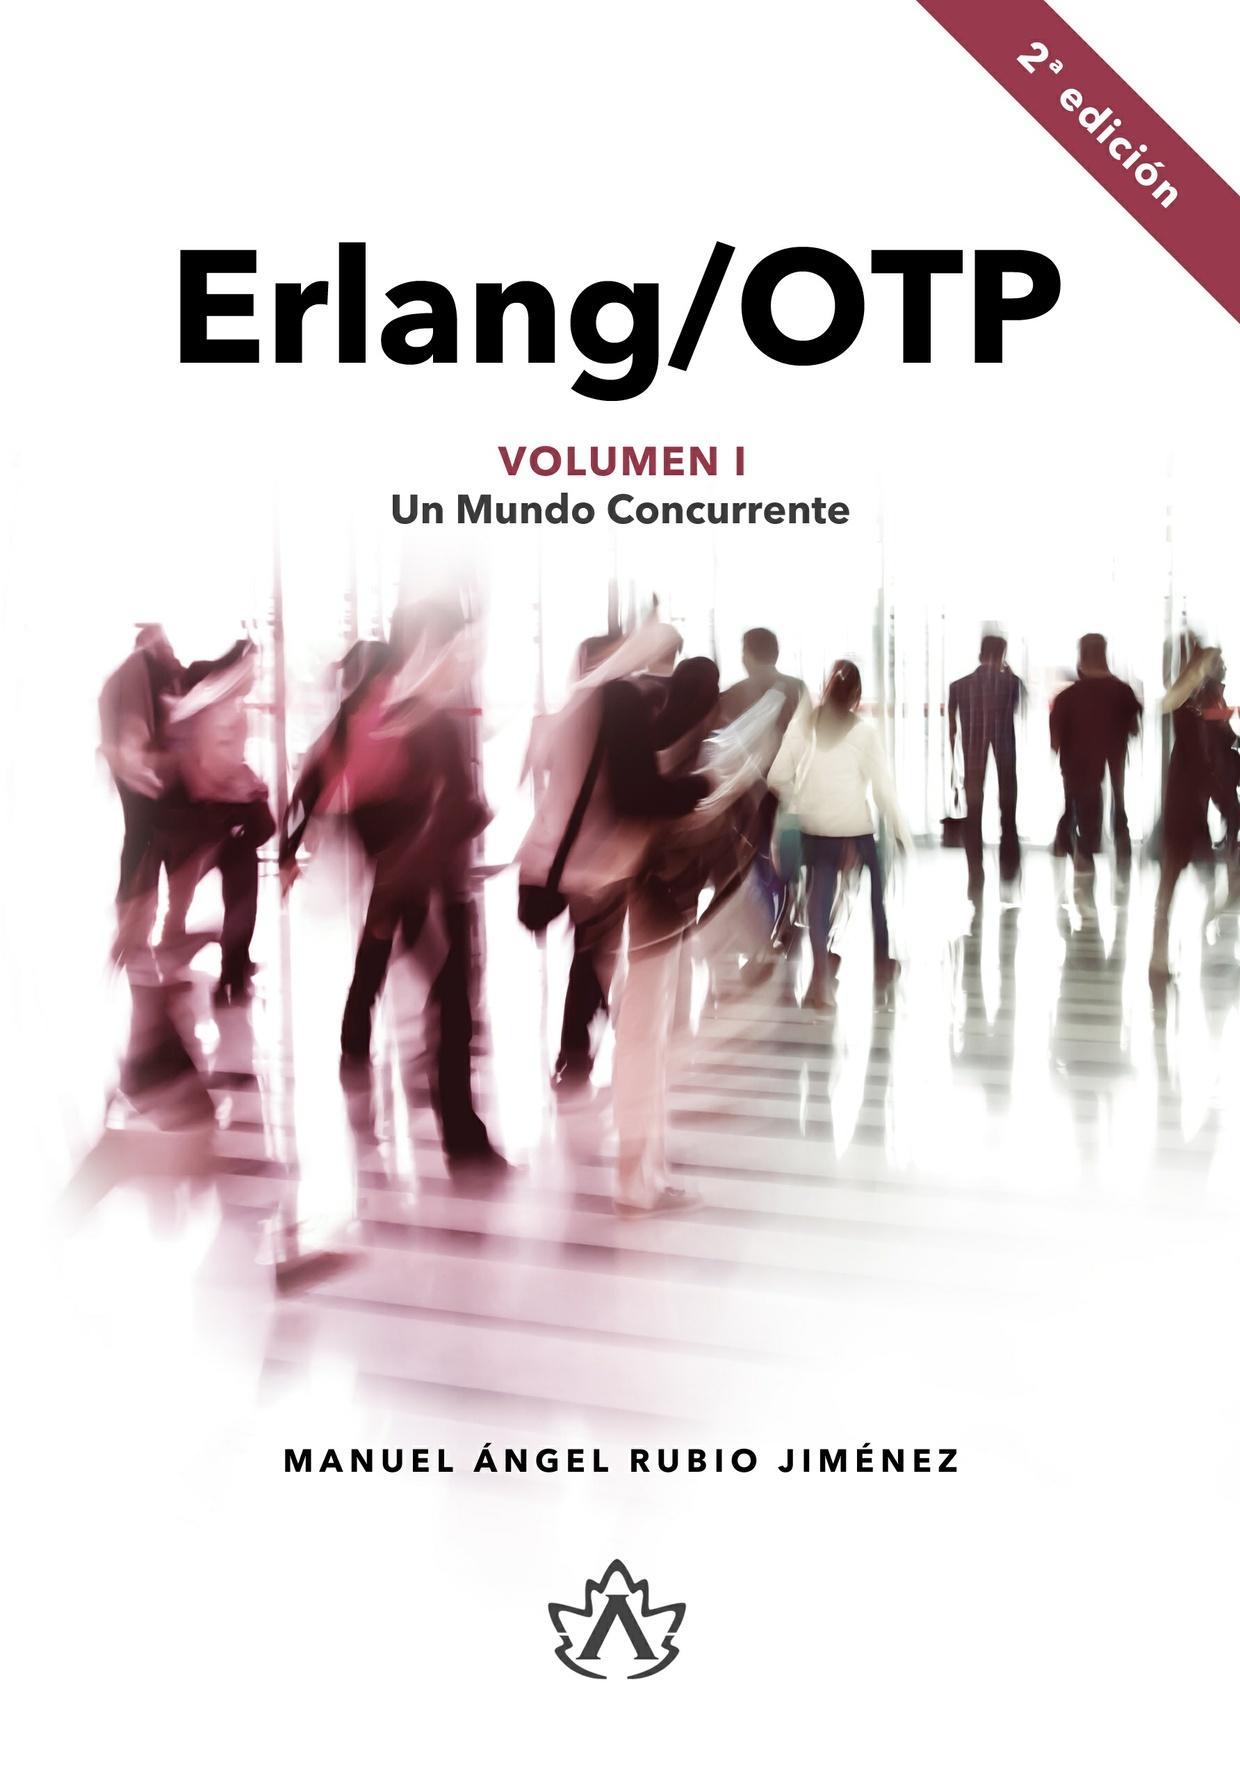 Erlang/OTP Volumen I: Un Mundo Concurrente (2ª Edición) EPUB